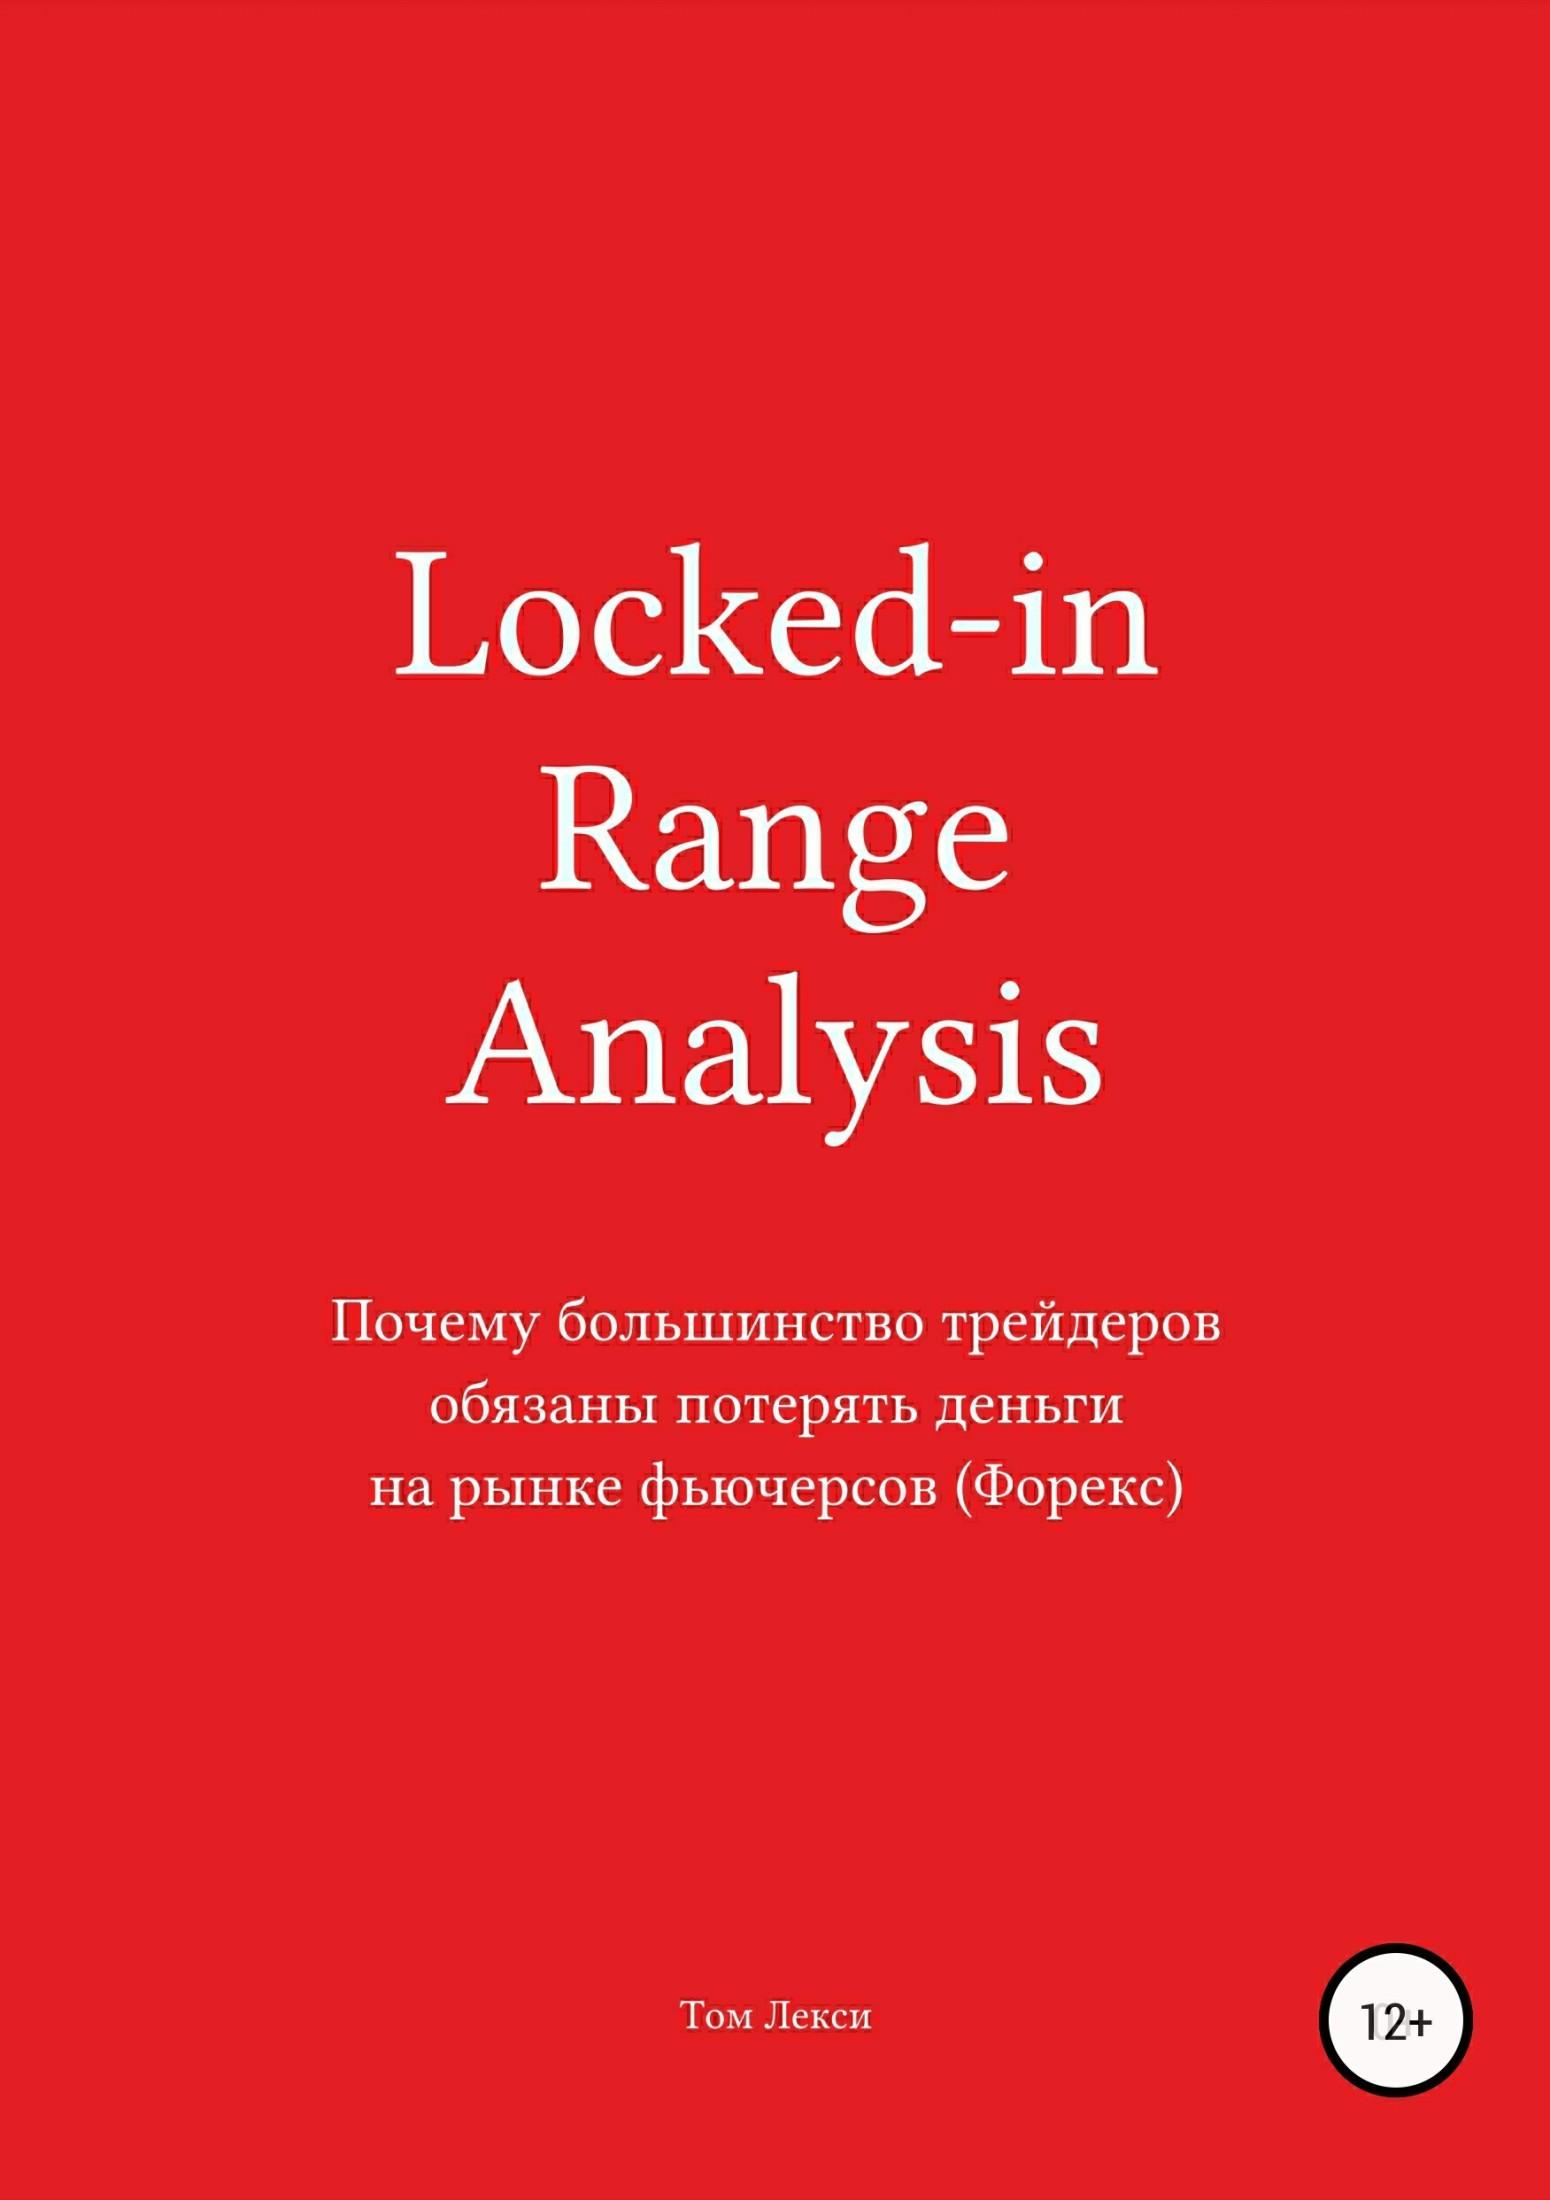 цена Том Лекси Locked-in Range Analysis: Почему большинство трейдеров обязаны потерять деньги на рынке фьючерсов (Форекс) онлайн в 2017 году